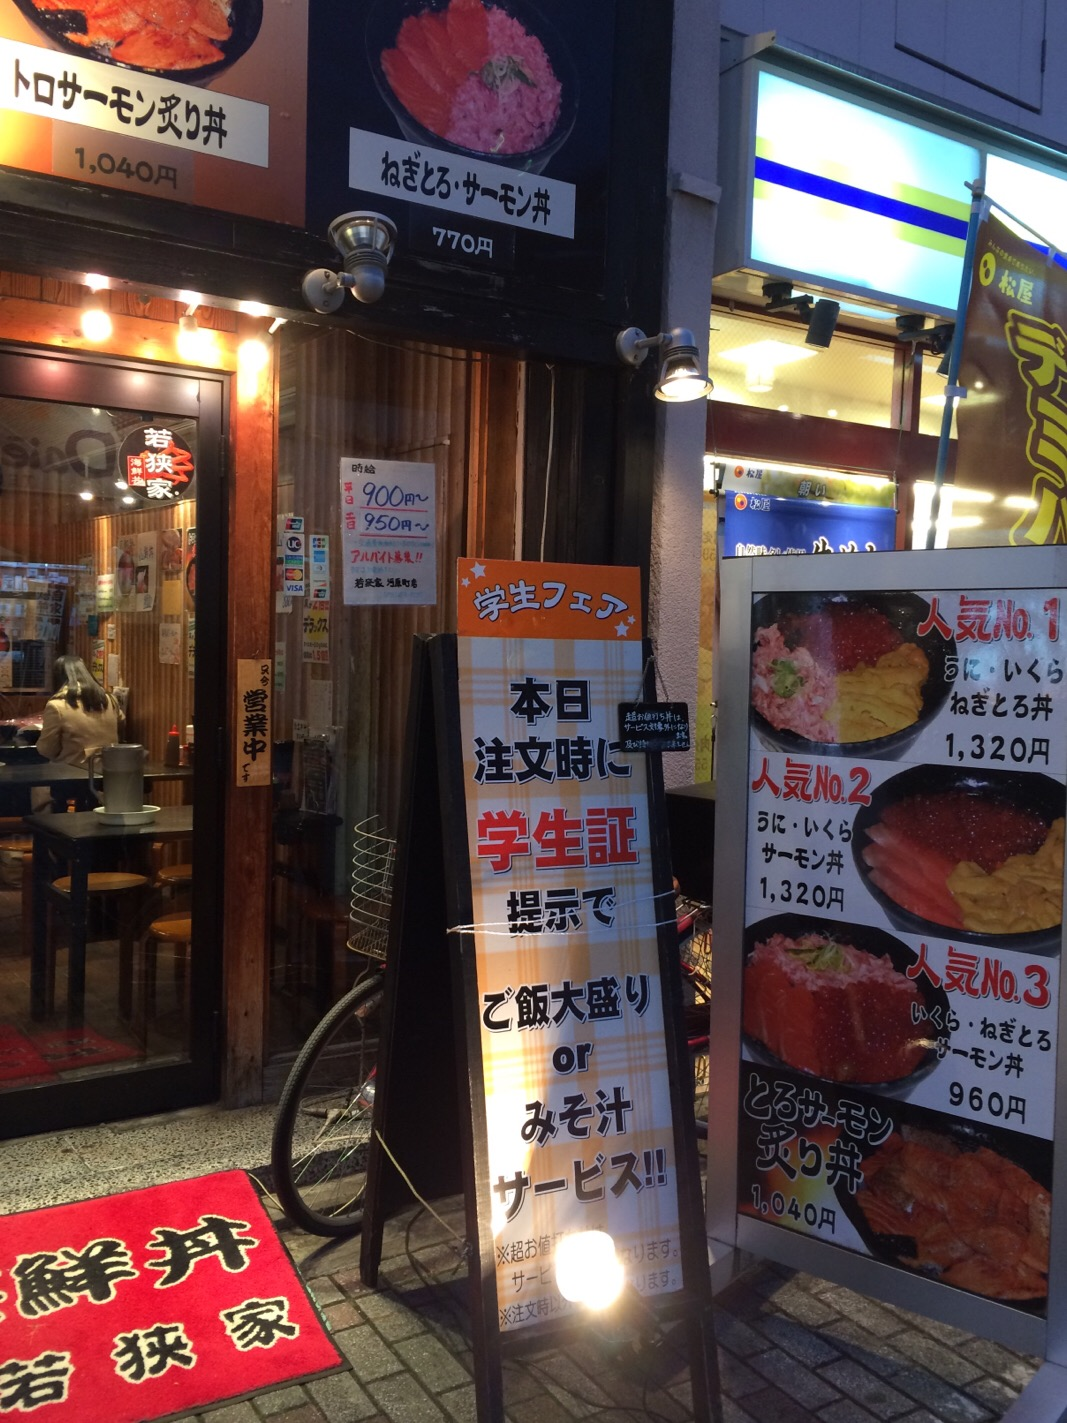 【グルメ】河原町蛸薬師入り口にある「若狭屋」の海鮮丼ぶりの、ぷりっぷり